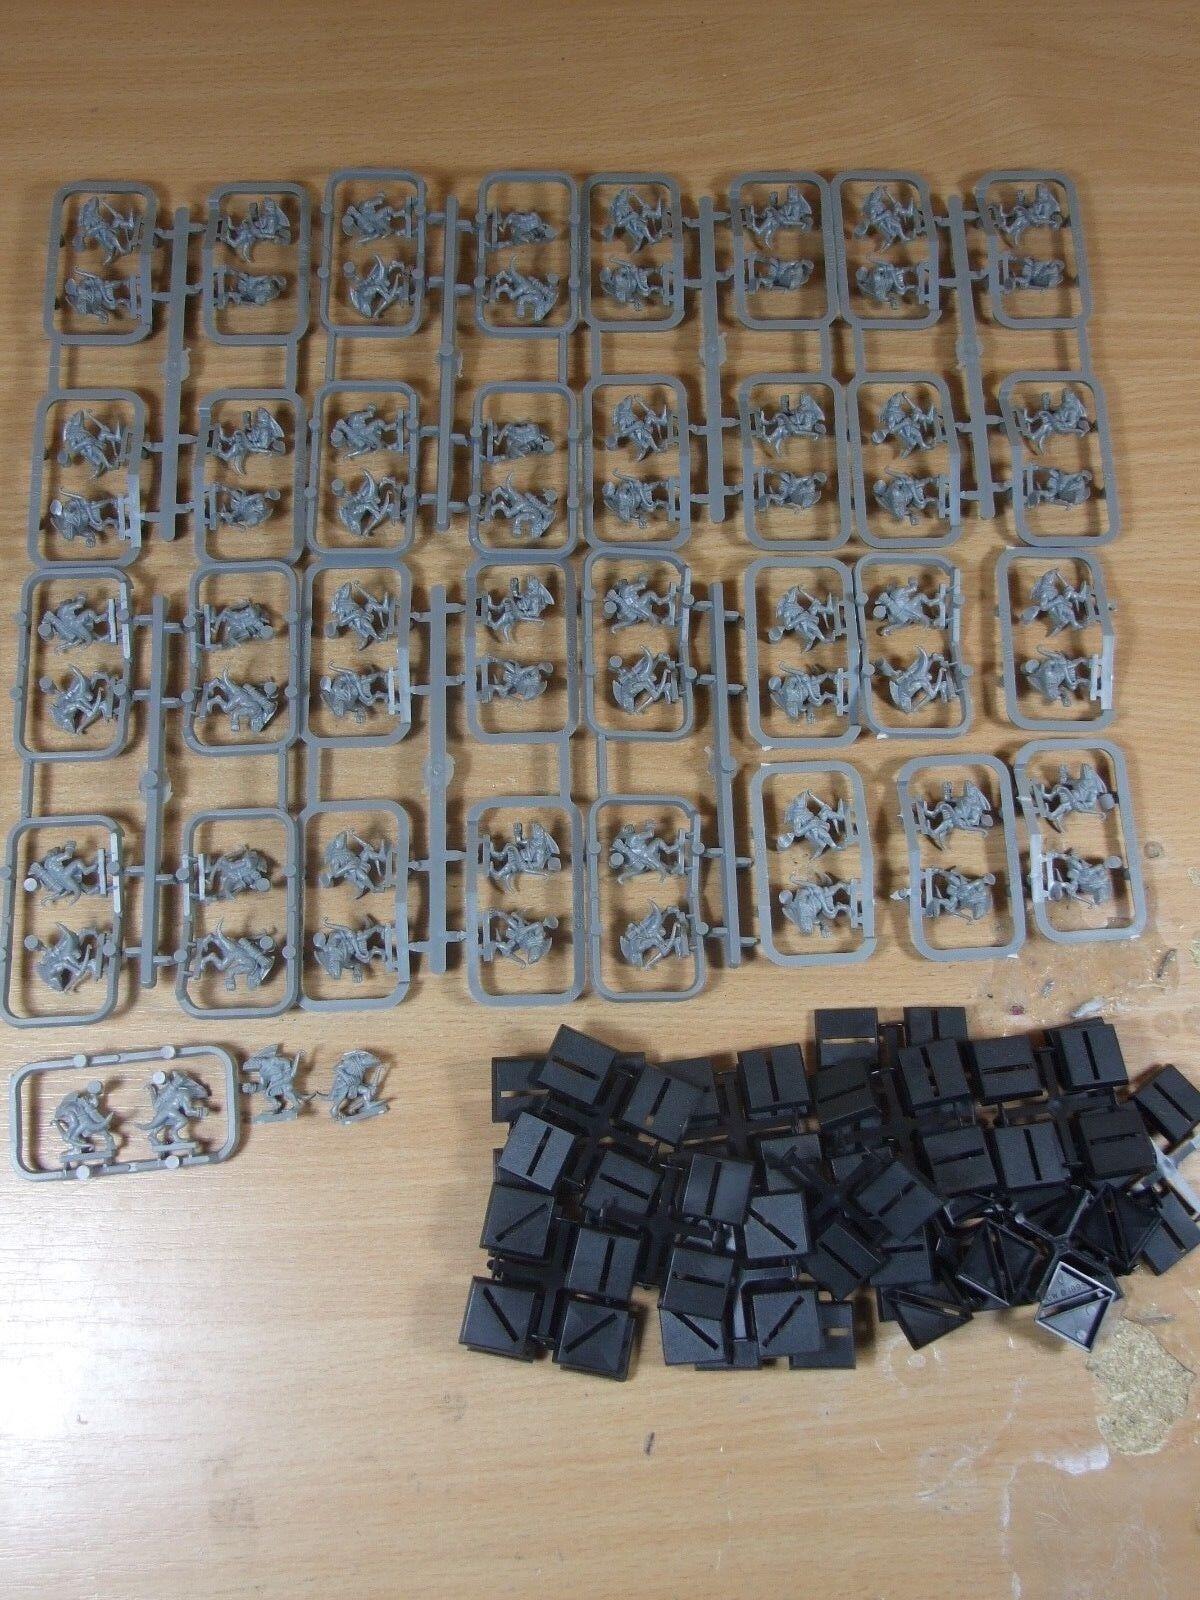 68 plastica WARHAMMER Skinks NUOVO su materozze non verniciata (J-01)